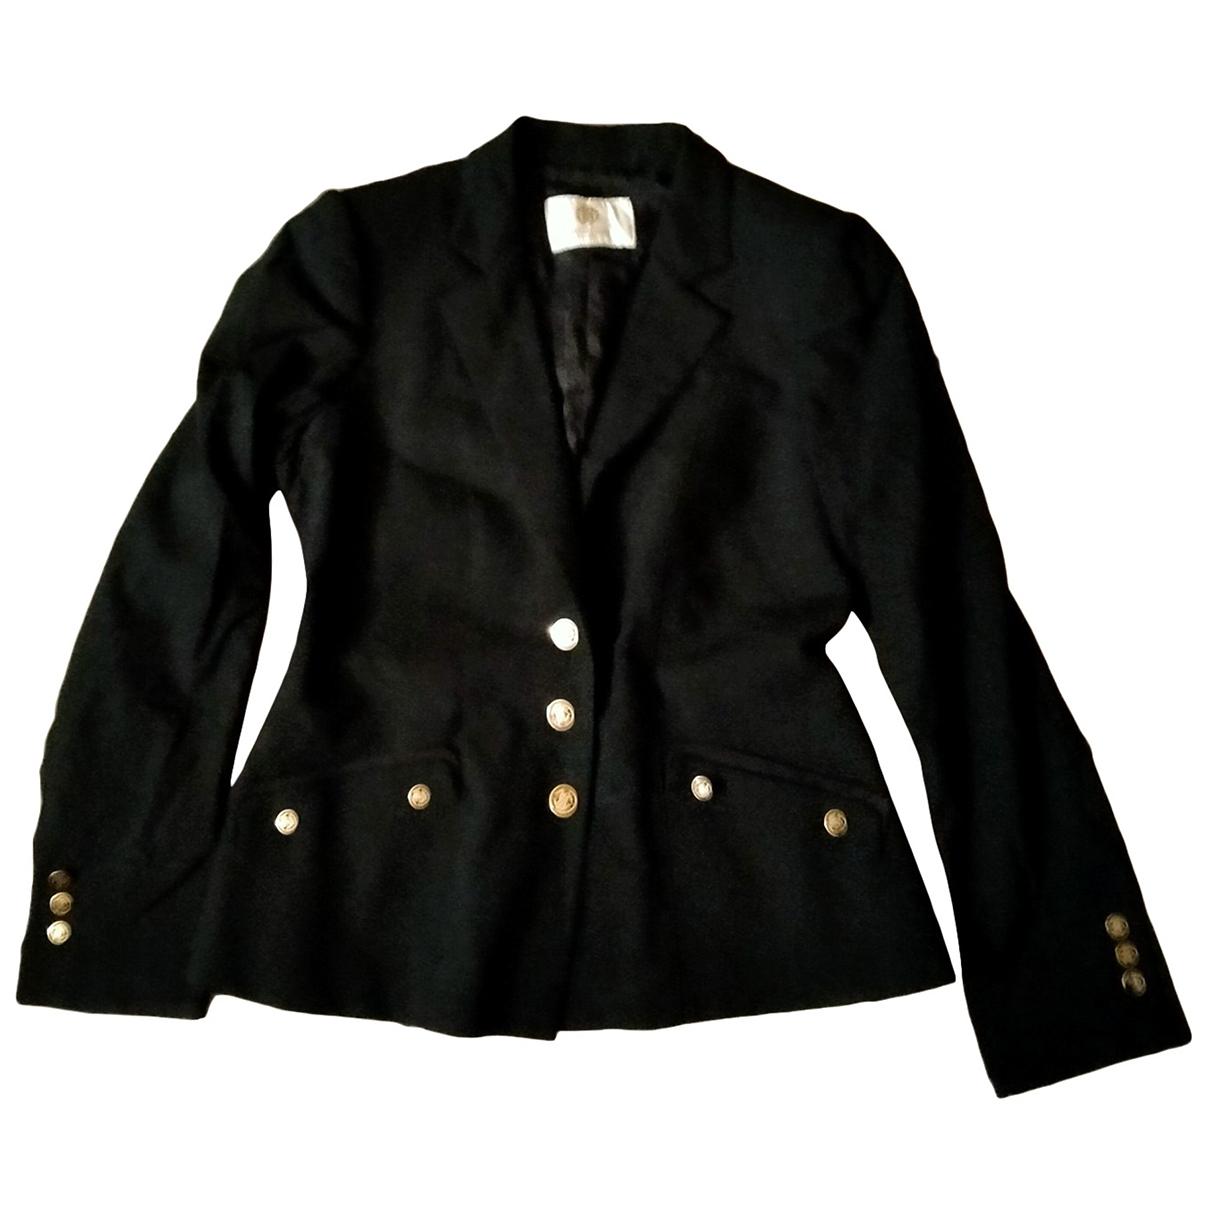 Roberto Cavalli \N Black Wool jacket for Women 46 FR